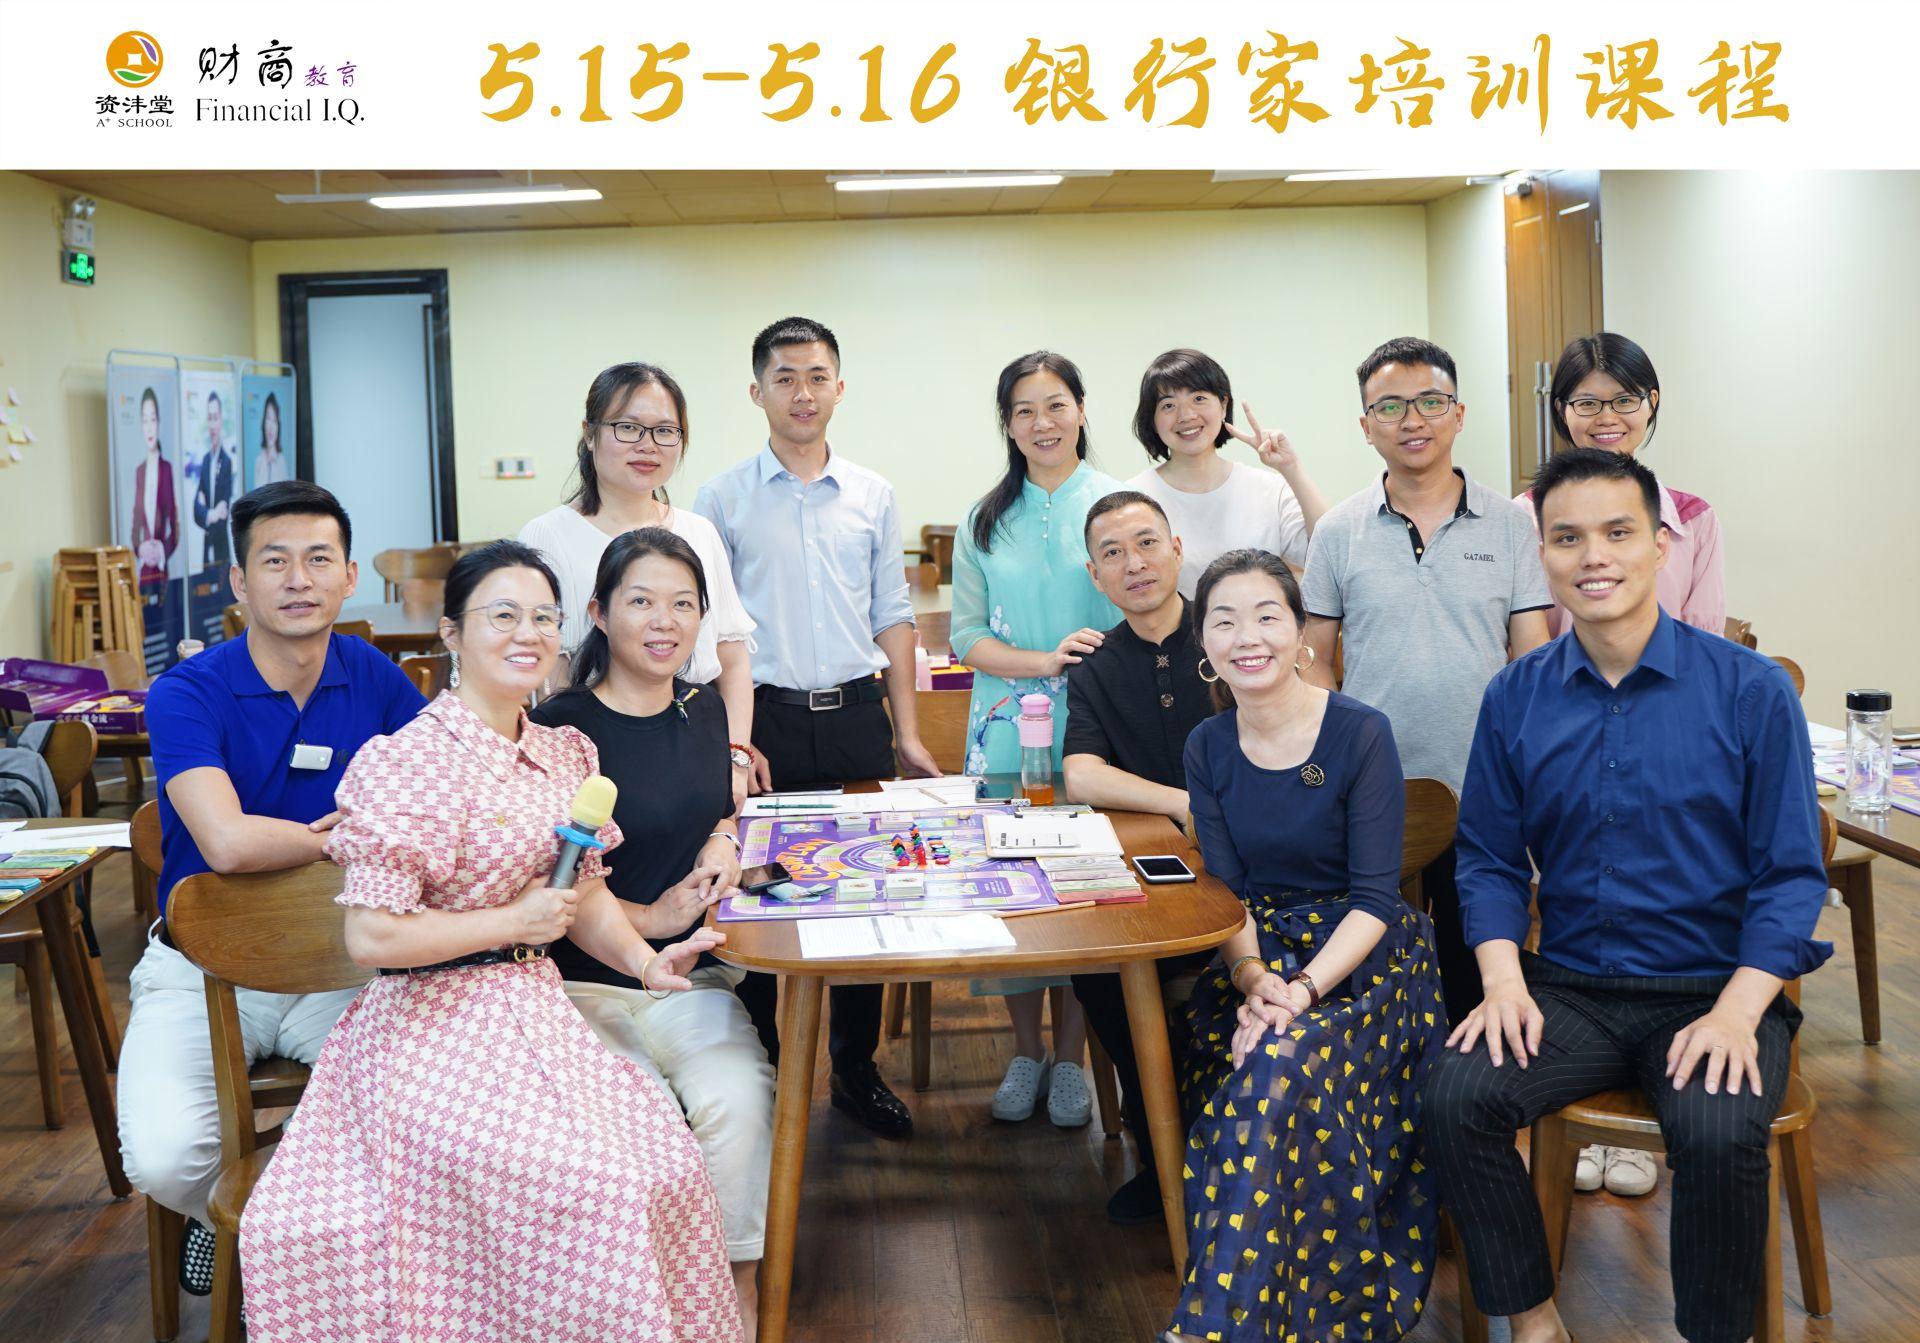 2021 5.15-5.16 银行家培训课程在广州学院开课啦!?